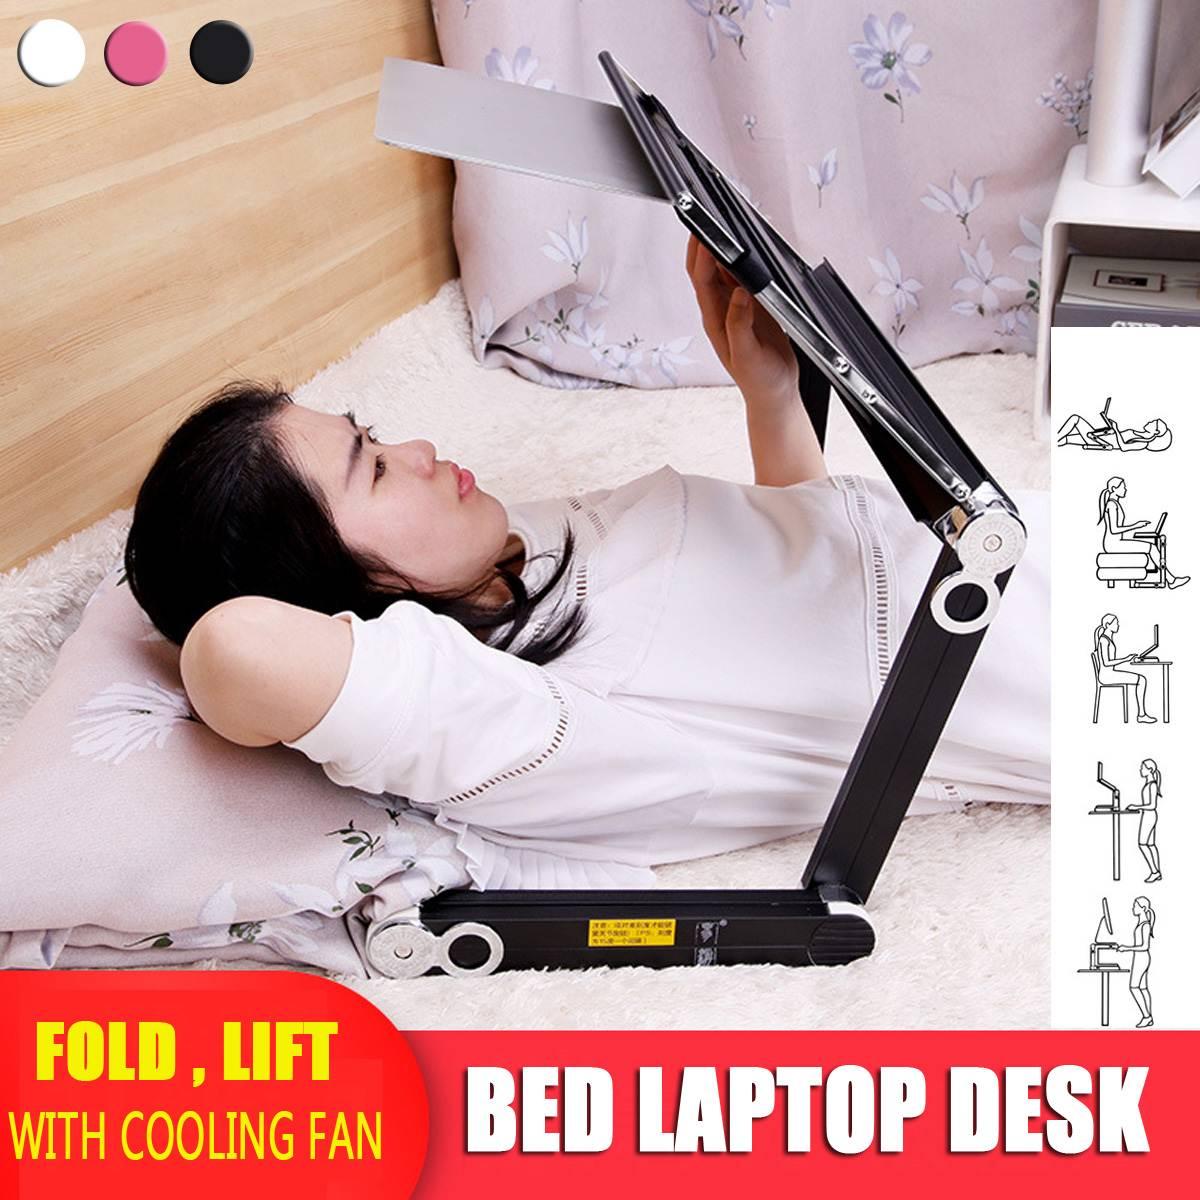 360 graus ajustável notebook adequado com ventilador de refrigeração dobrável portátil mesa do portátil suporte bandeja para cama e sofá